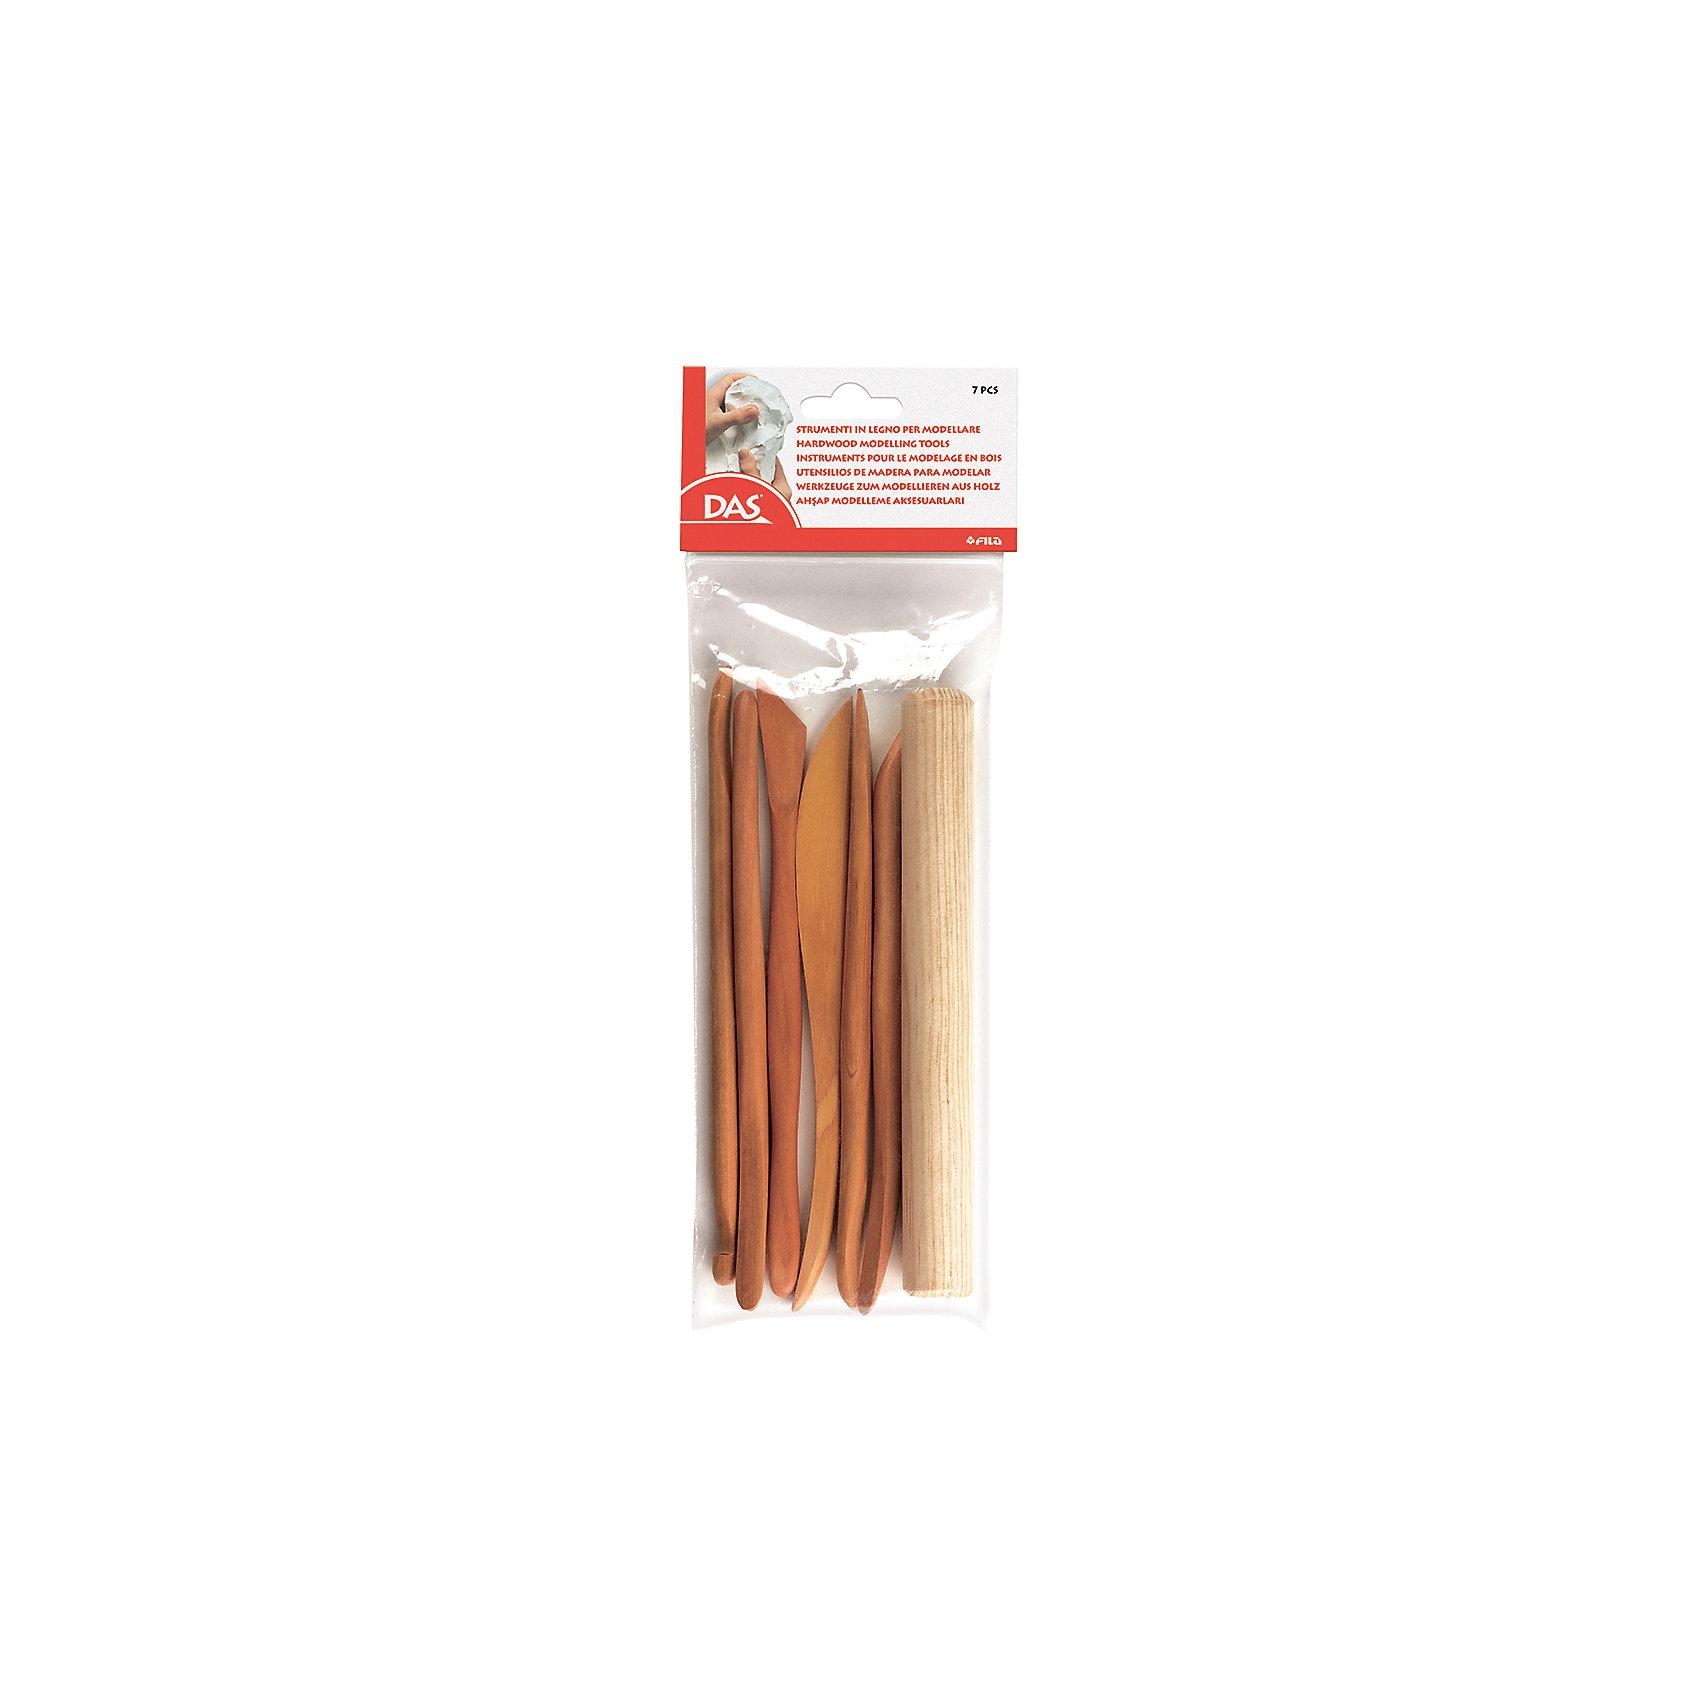 Деревянные стеки для моделирования, 7 шт в блистере.Деревянные стеки для моделирования, 7 шт. в блистере.<br><br>Характеристики:<br><br>• Материал: дерево.<br>• Количество: 7шт.<br><br>Деревянные стеки предназначены для обрезки и выравнивания материала, из которого выполняется поделка или скульптура. Стеки изготовлены из твердых пород дерева, легкие и безопасные. Лезвия достаточно прочные, чтобы разрезать брикет пластилина средней твердости. С такими инструментами ваш творческий замысел обязательно воплотиться!<br><br>Деревянные стеки для моделирования, 7 шт. в блистере, можно купить в нашем интернет – магазине.<br><br>Ширина мм: 22<br>Глубина мм: 280<br>Высота мм: 110<br>Вес г: 136<br>Возраст от месяцев: 72<br>Возраст до месяцев: 120<br>Пол: Унисекс<br>Возраст: Детский<br>SKU: 5107857